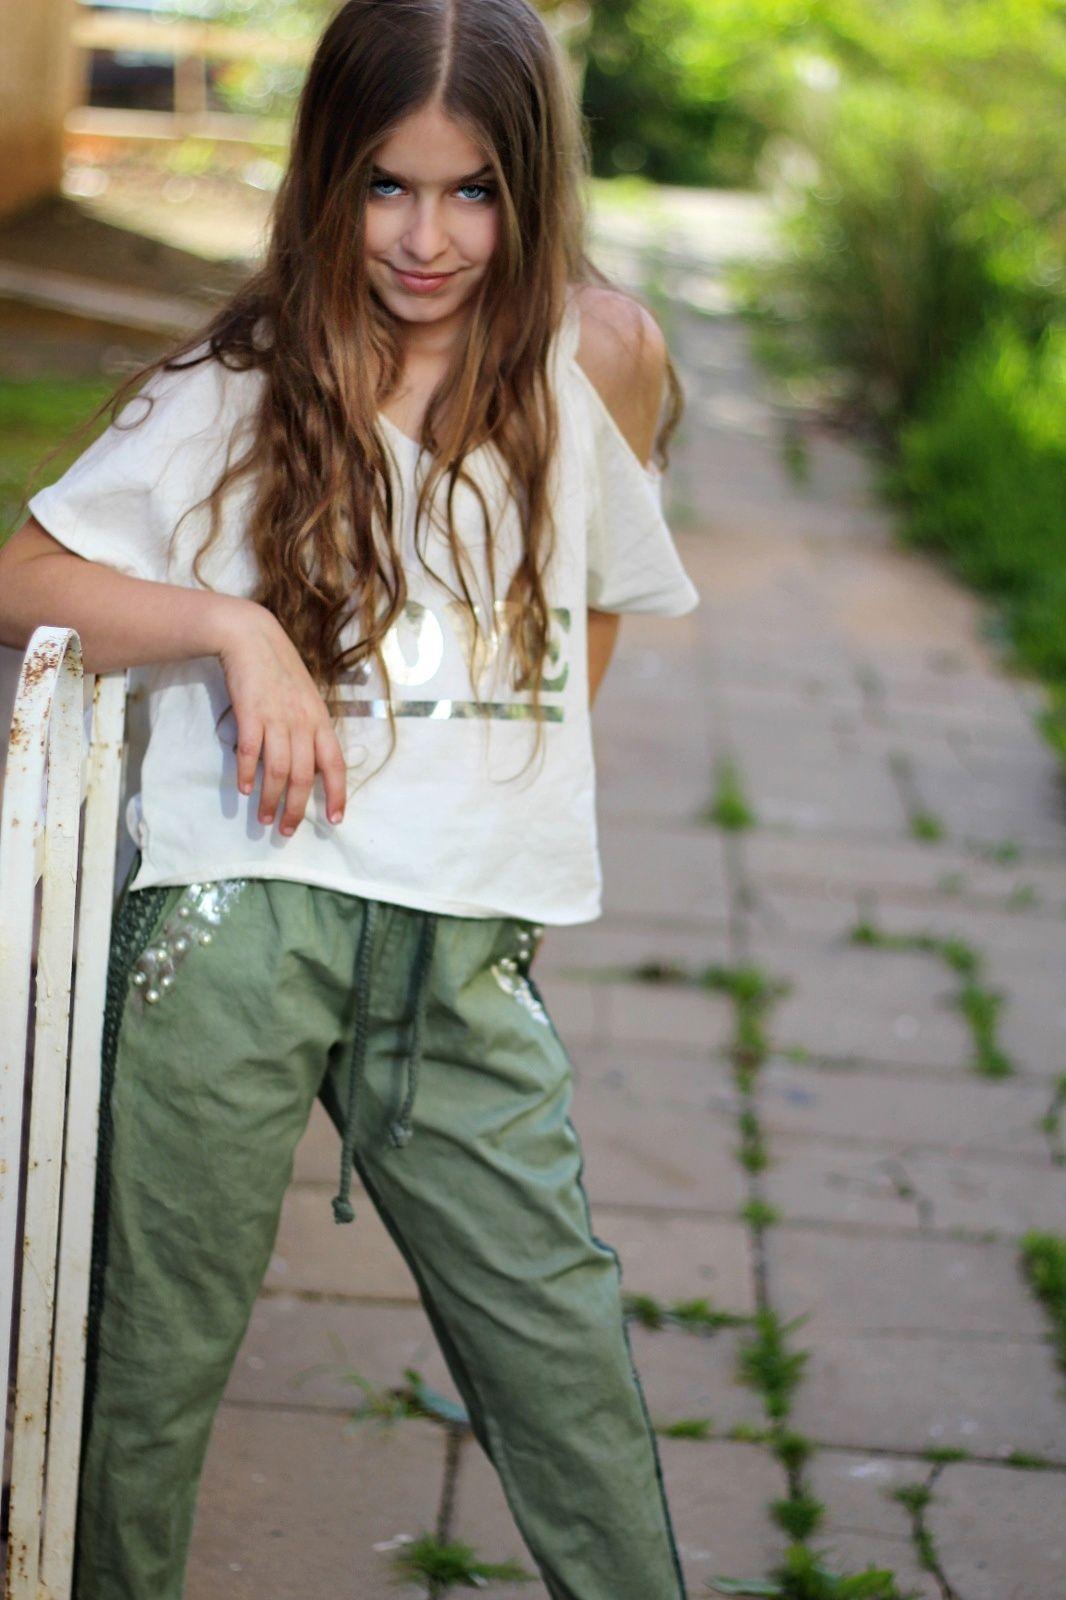 מכנס ווש עם דפוס ופנינים